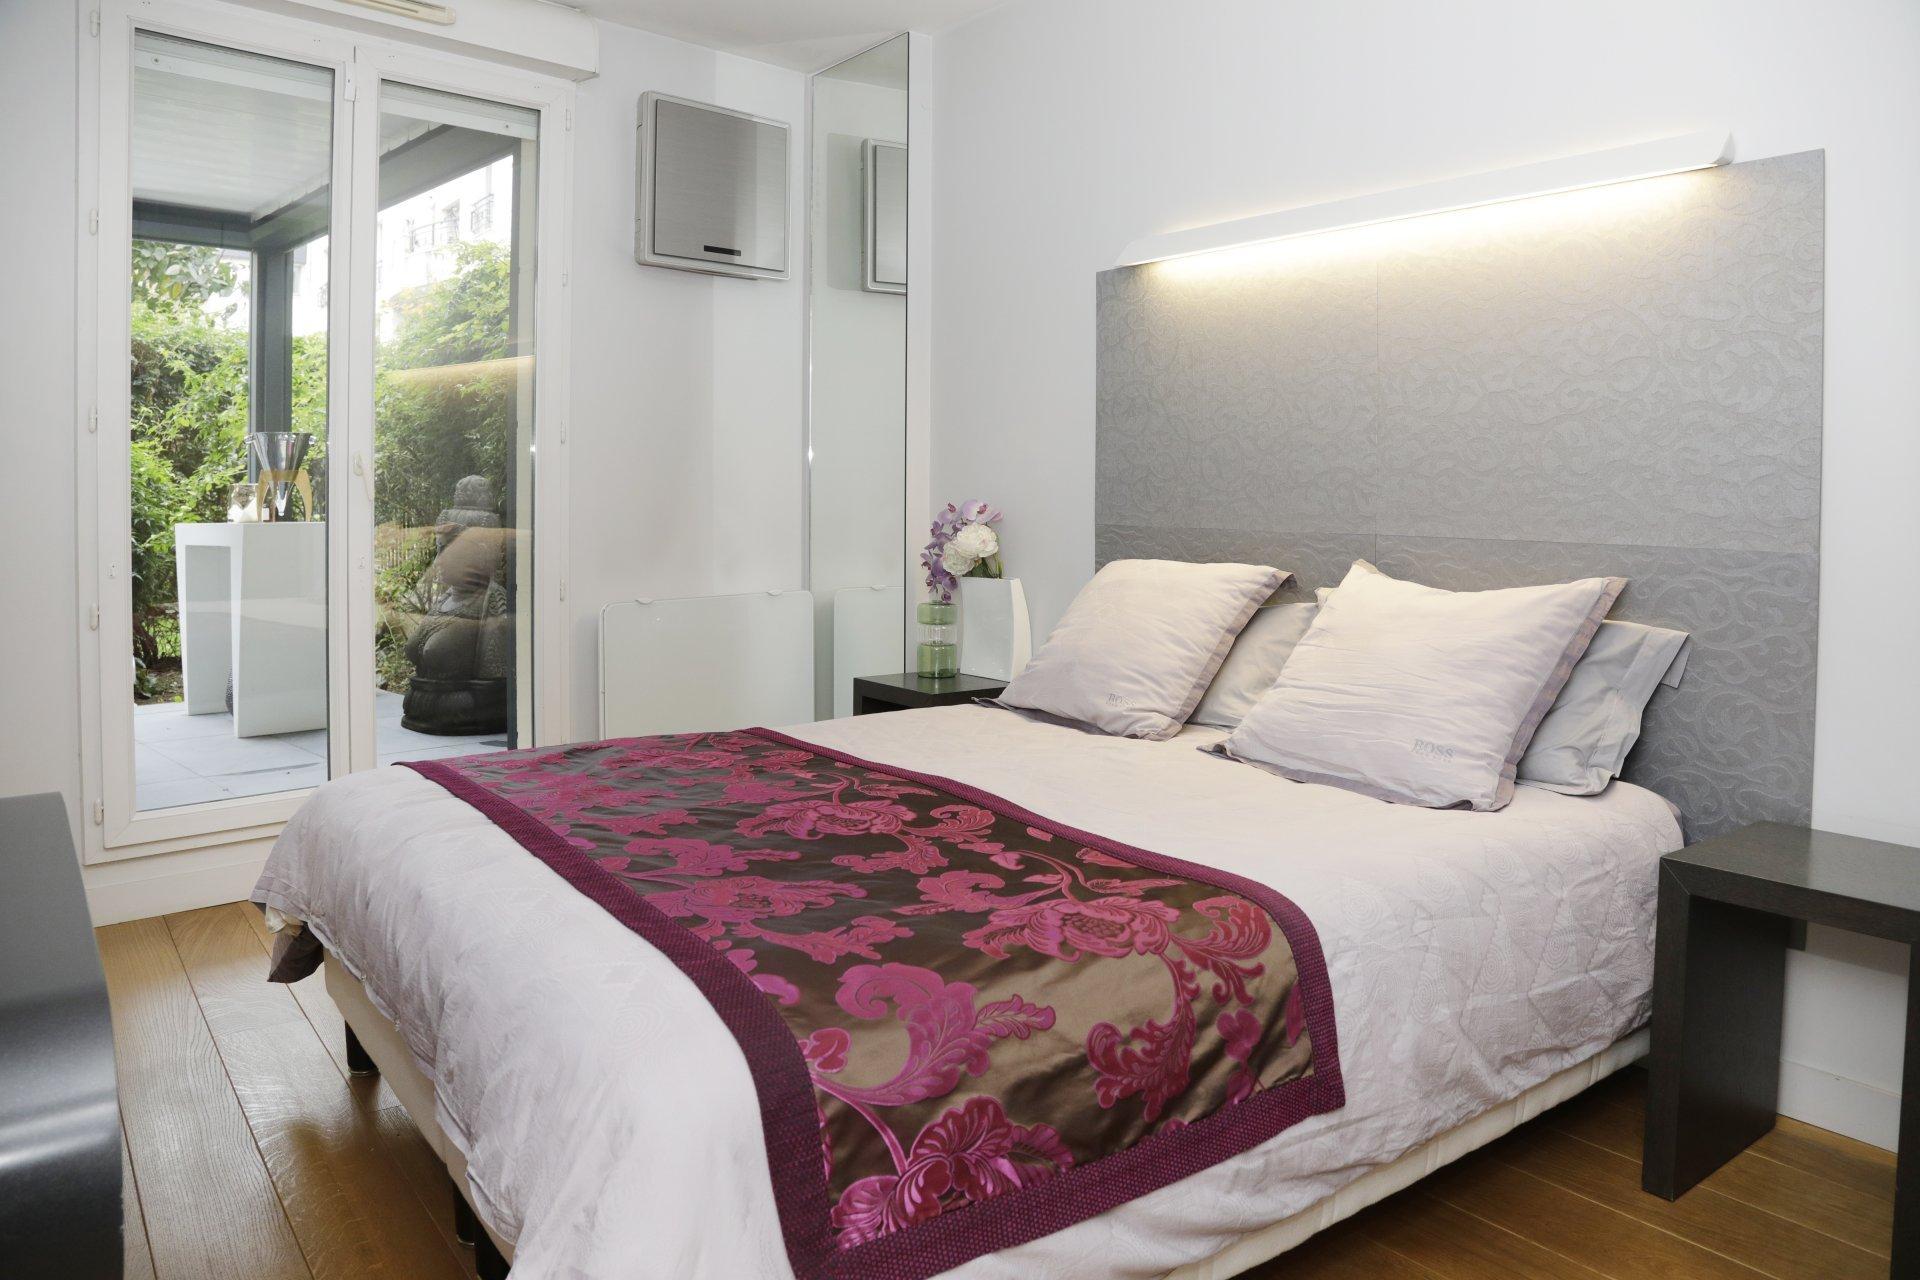 Vente Appartement - Paris 10ème Hôpital-Saint-Louis